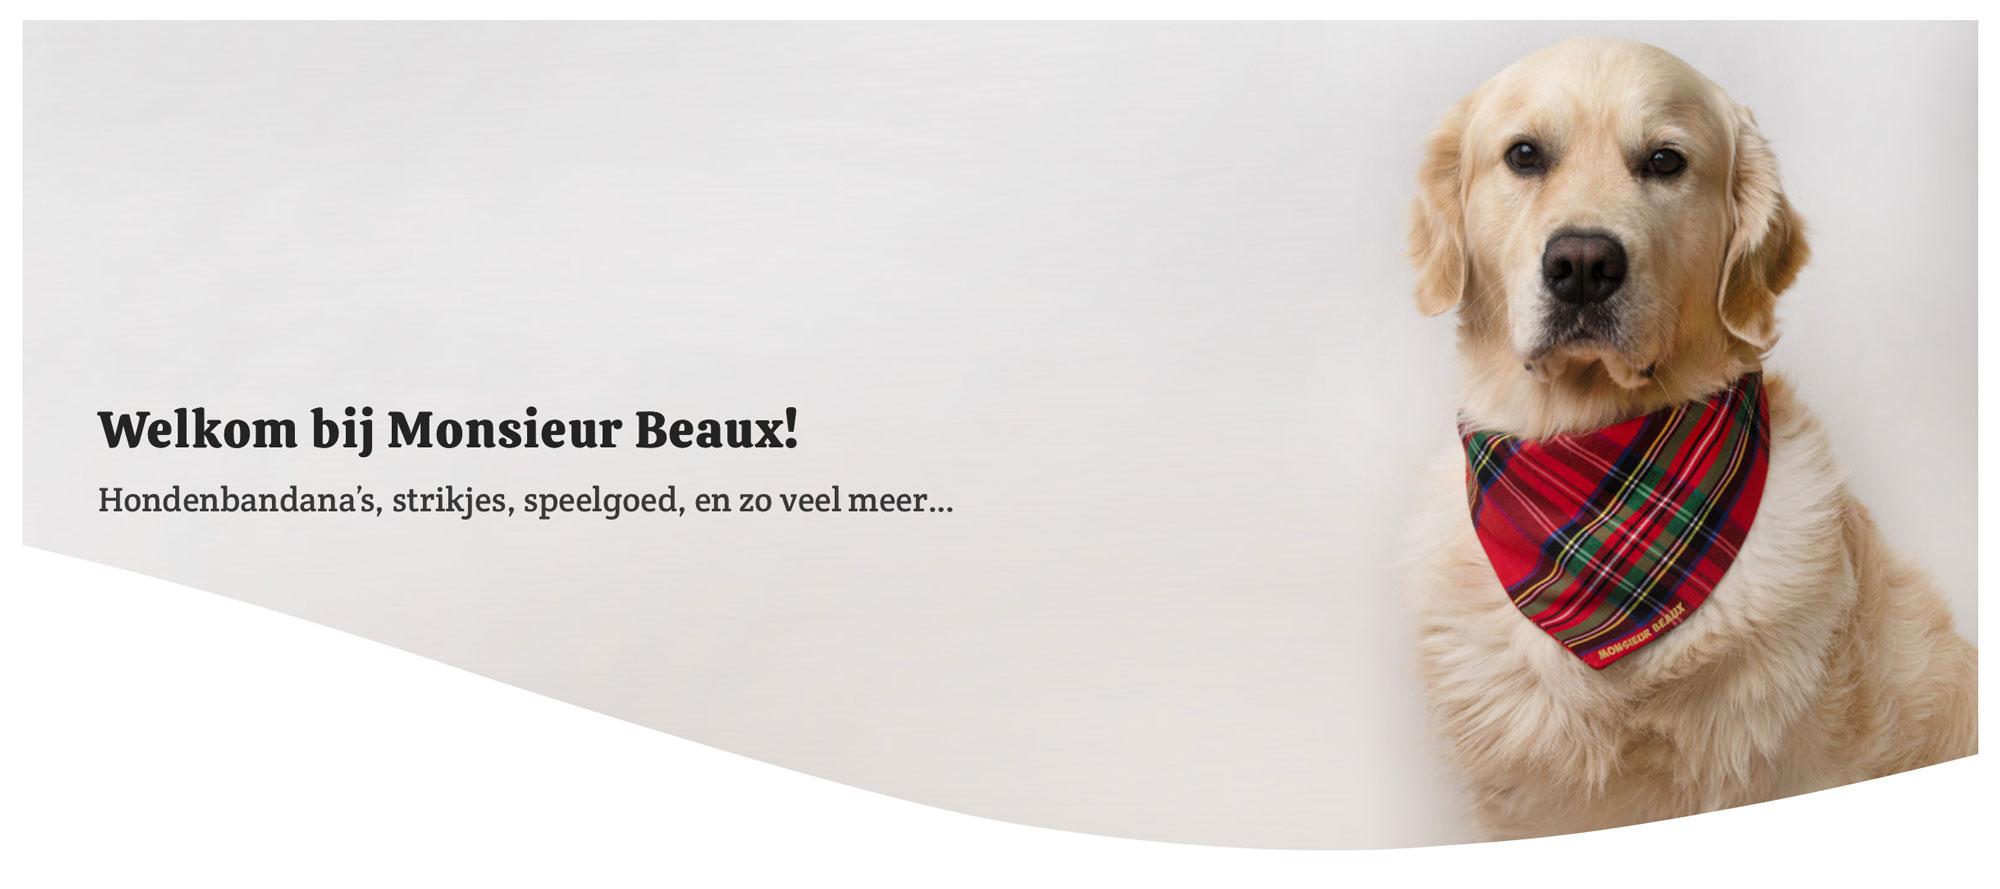 monsieur beaux, bandana hond, strikje hond, accessoires, hond, hondenspeelgoed